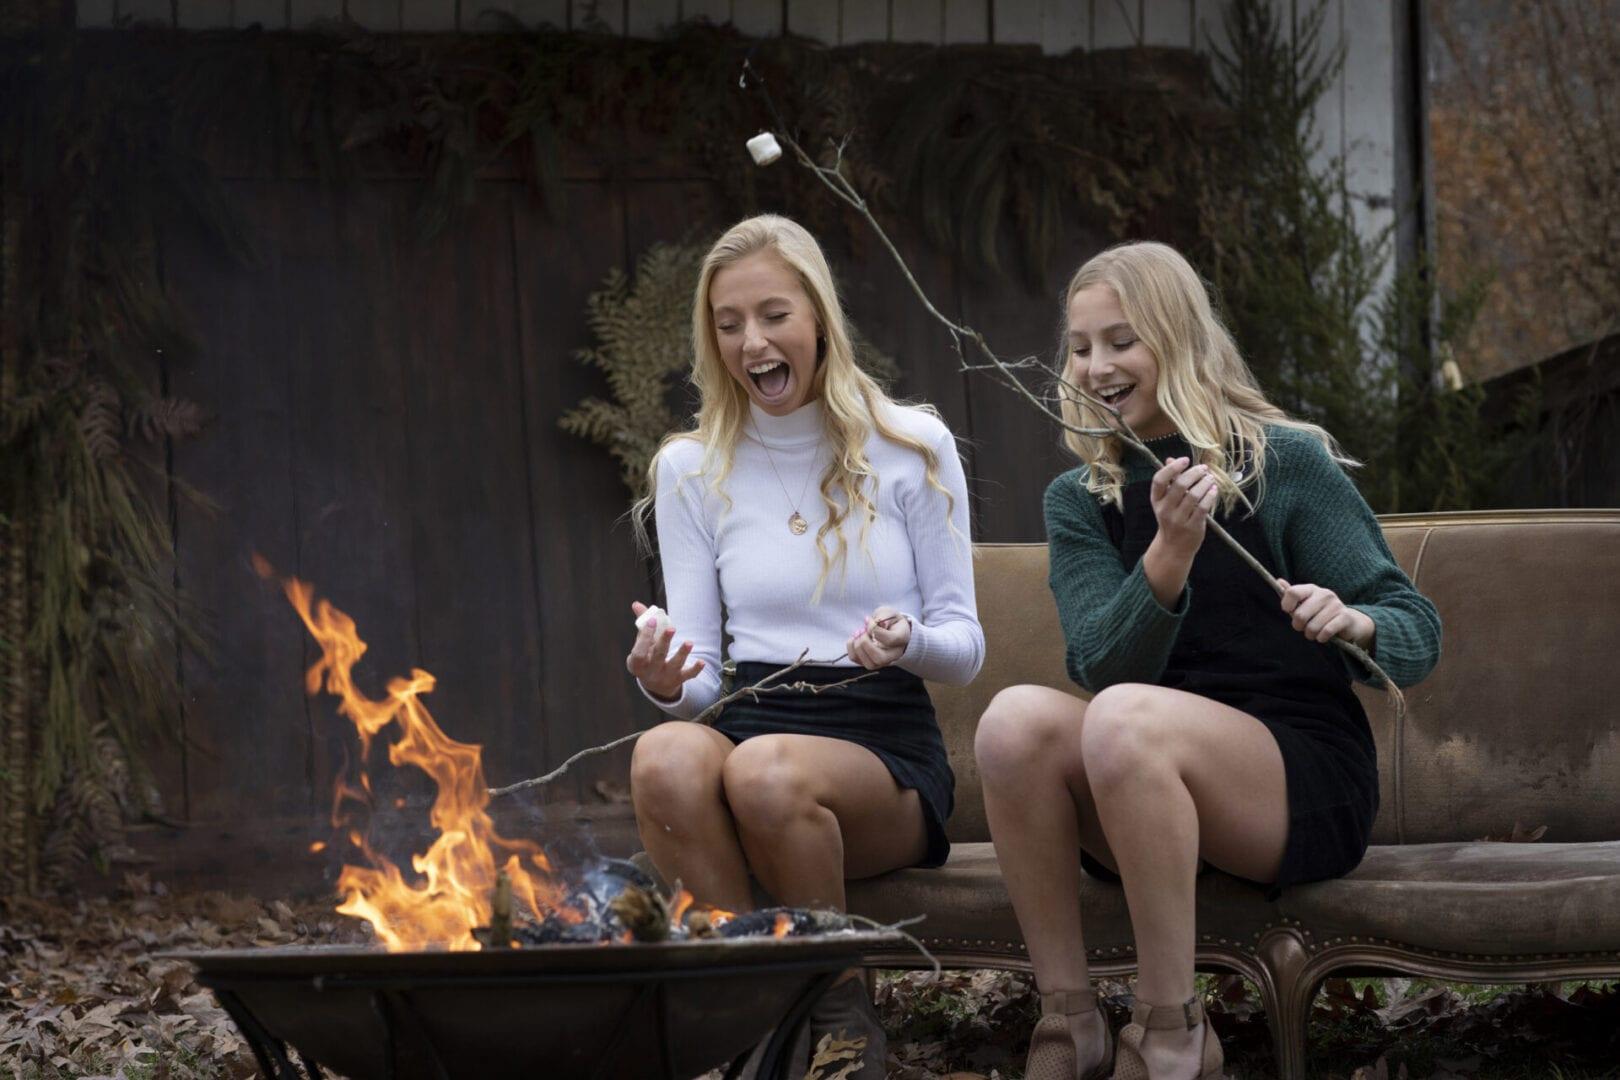 sisters by fireside roasting marshmallows in Leesburg Virginia